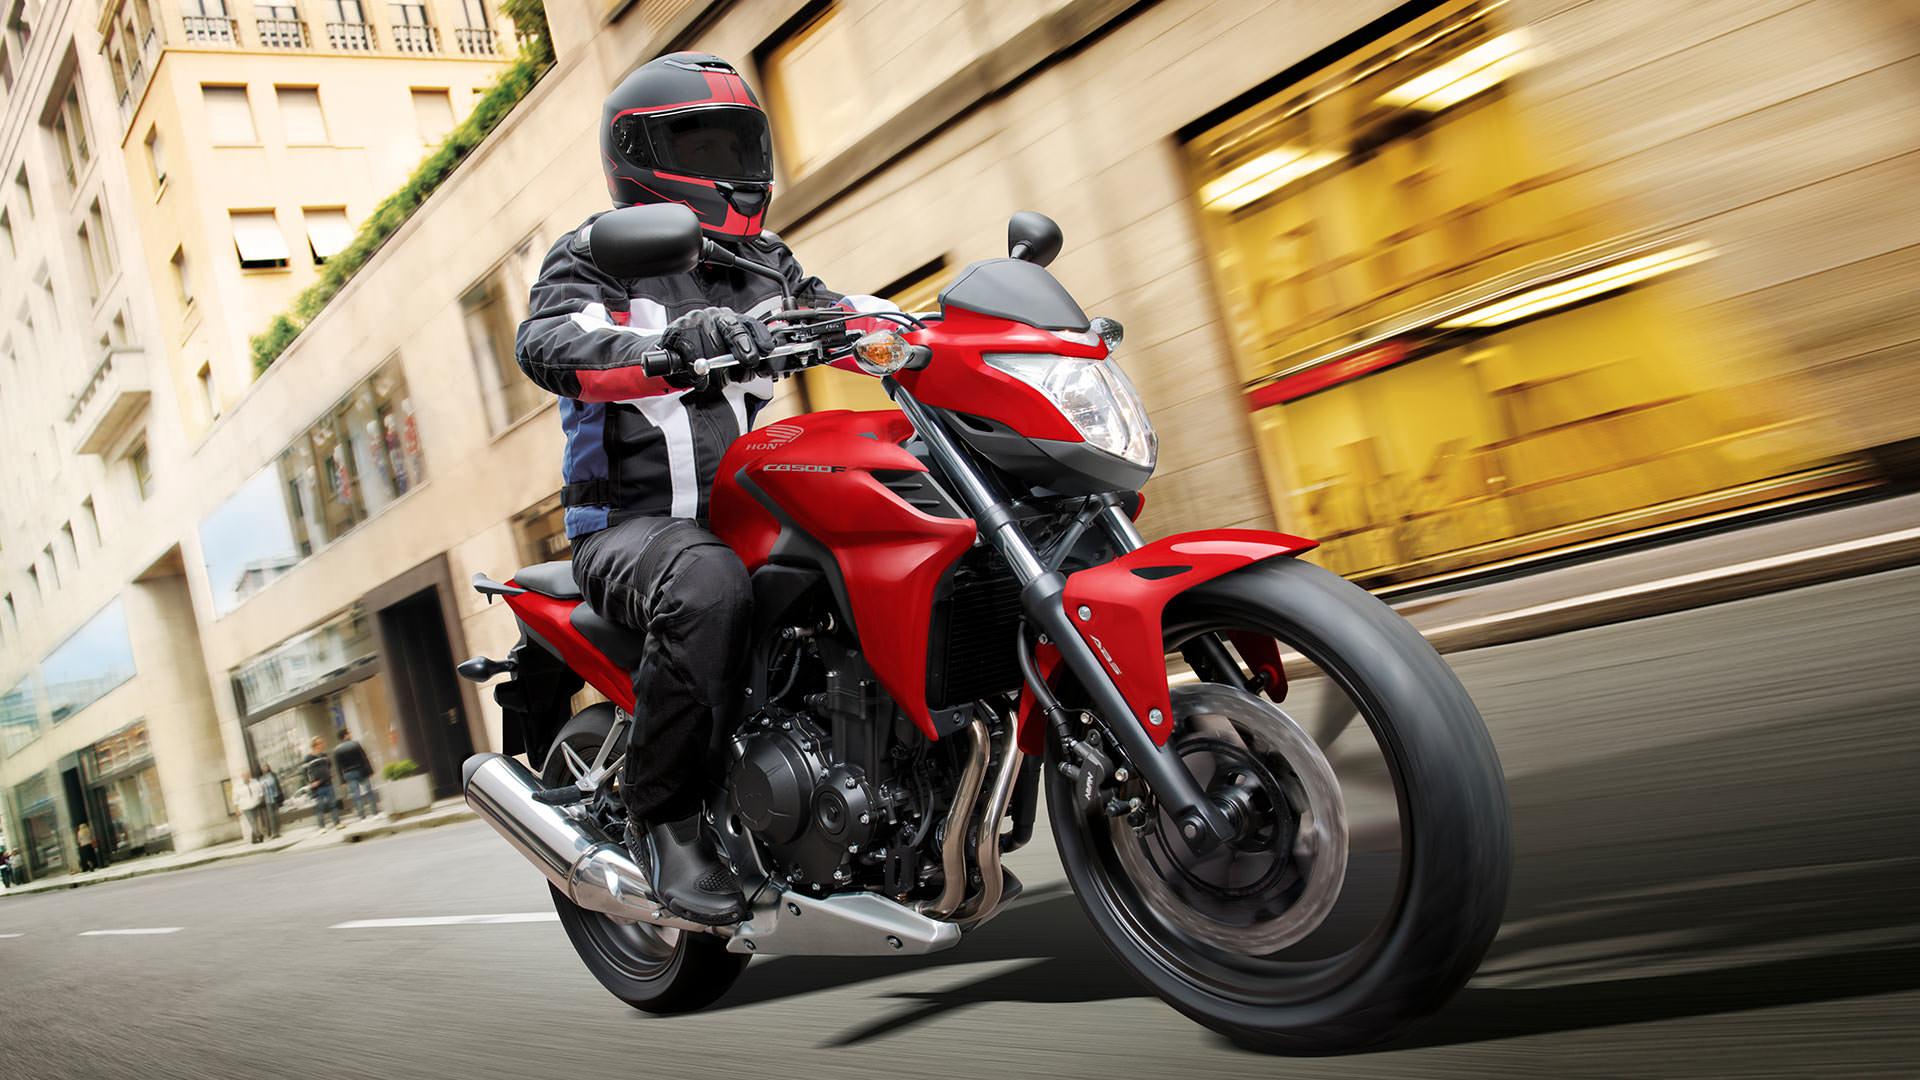 Que no te pase tres graves errores de los motociclistas for Que represente 500 mo